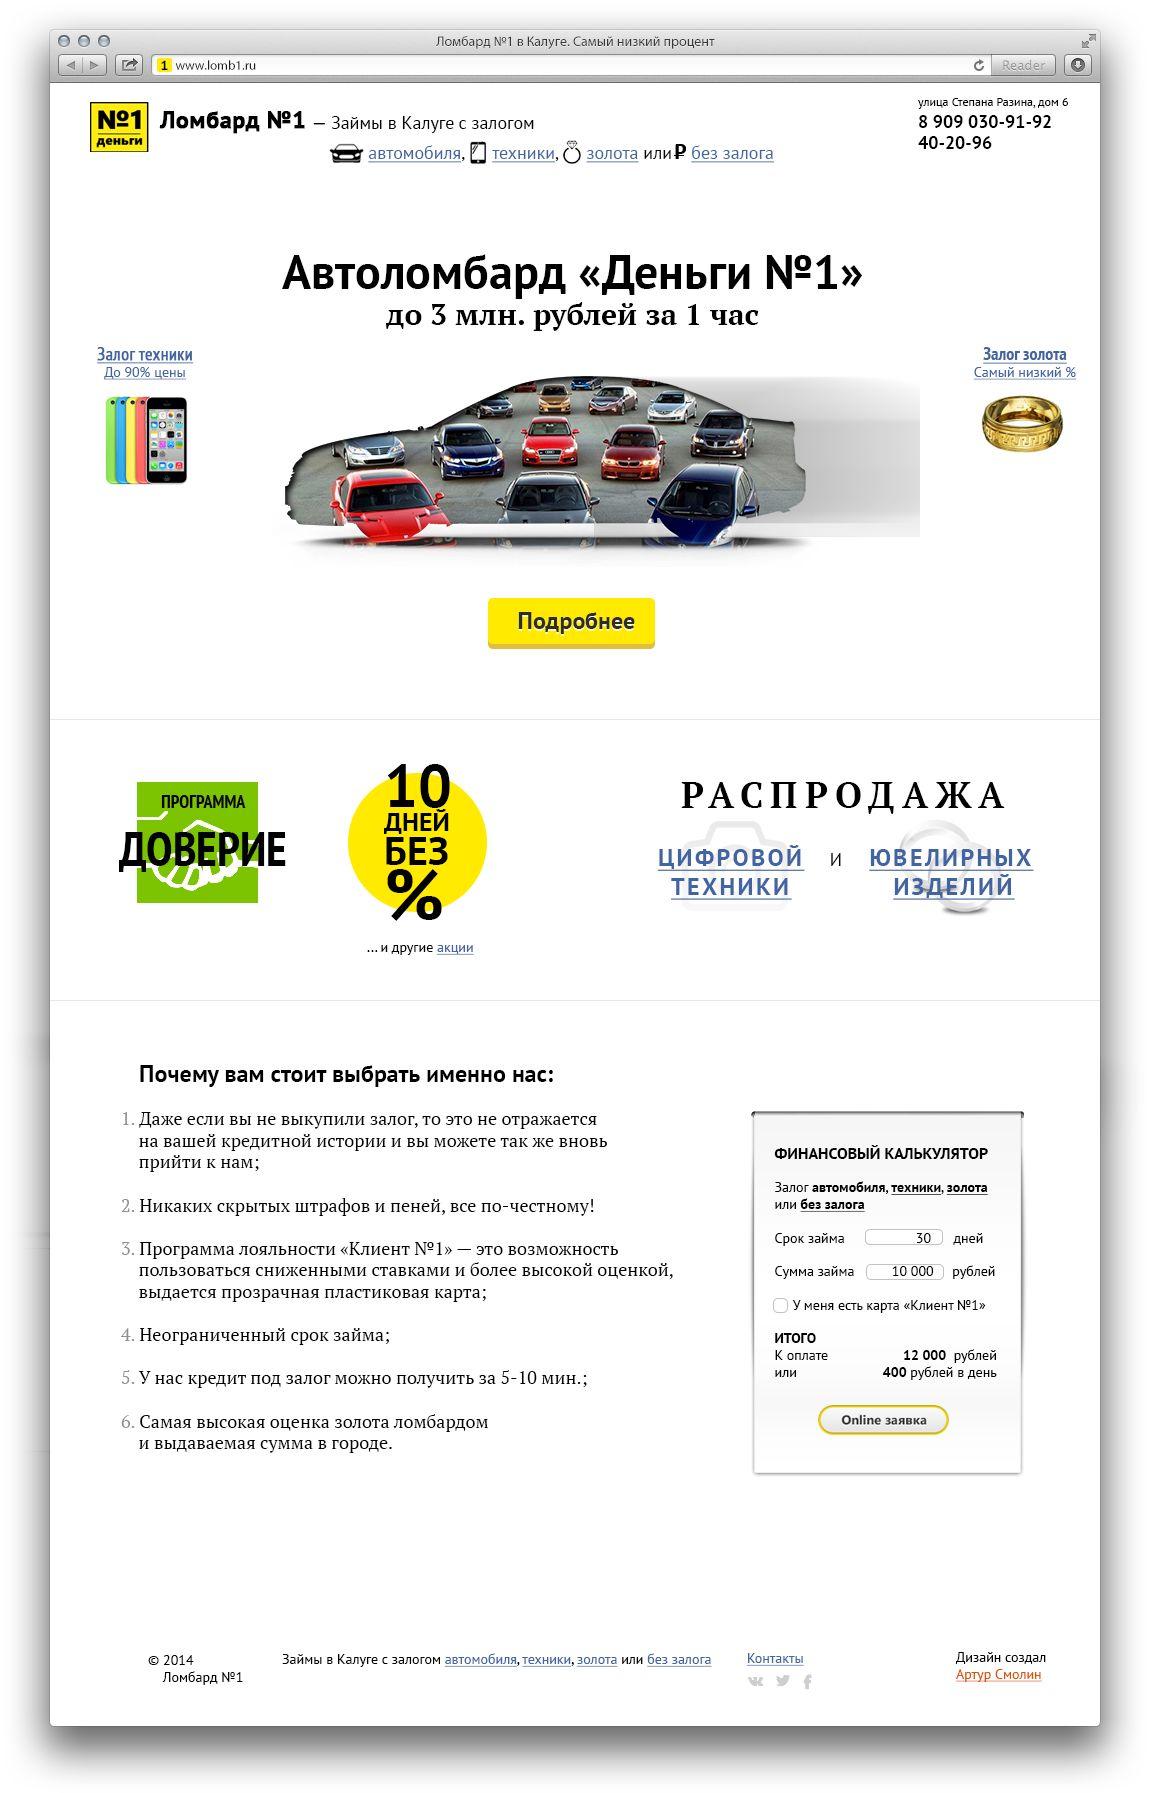 Дизайн главной страницы сайта Ломбард №1 - дизайнер DAgot_